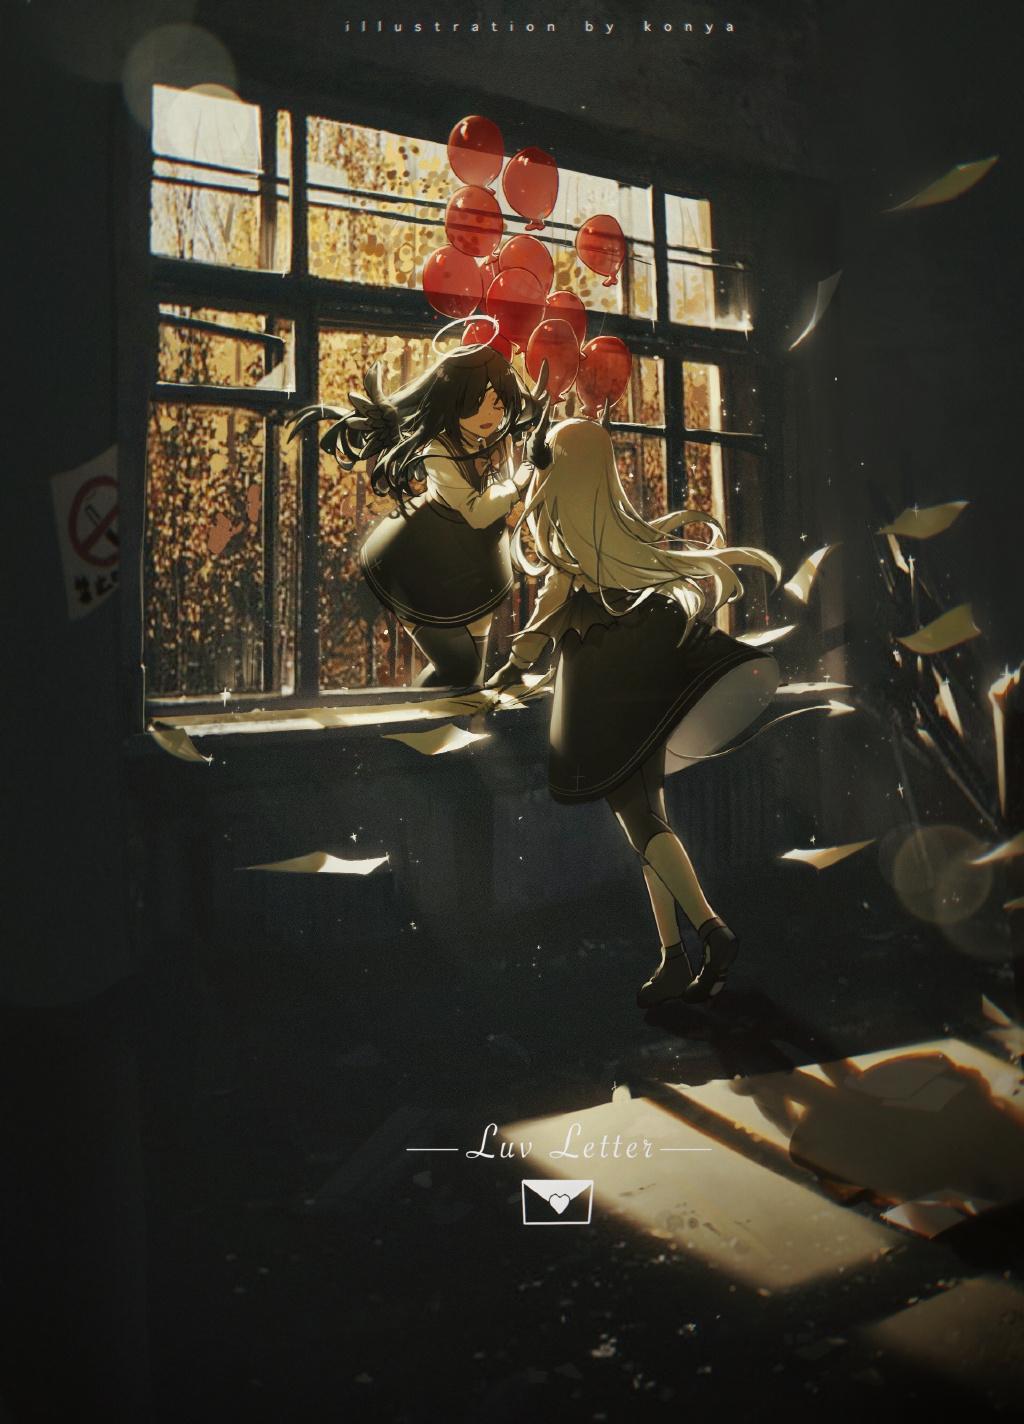 【P站画师】超爱miku的神仙太太!中国画师紺屋鴉江的插画作品 | 沫倪酱